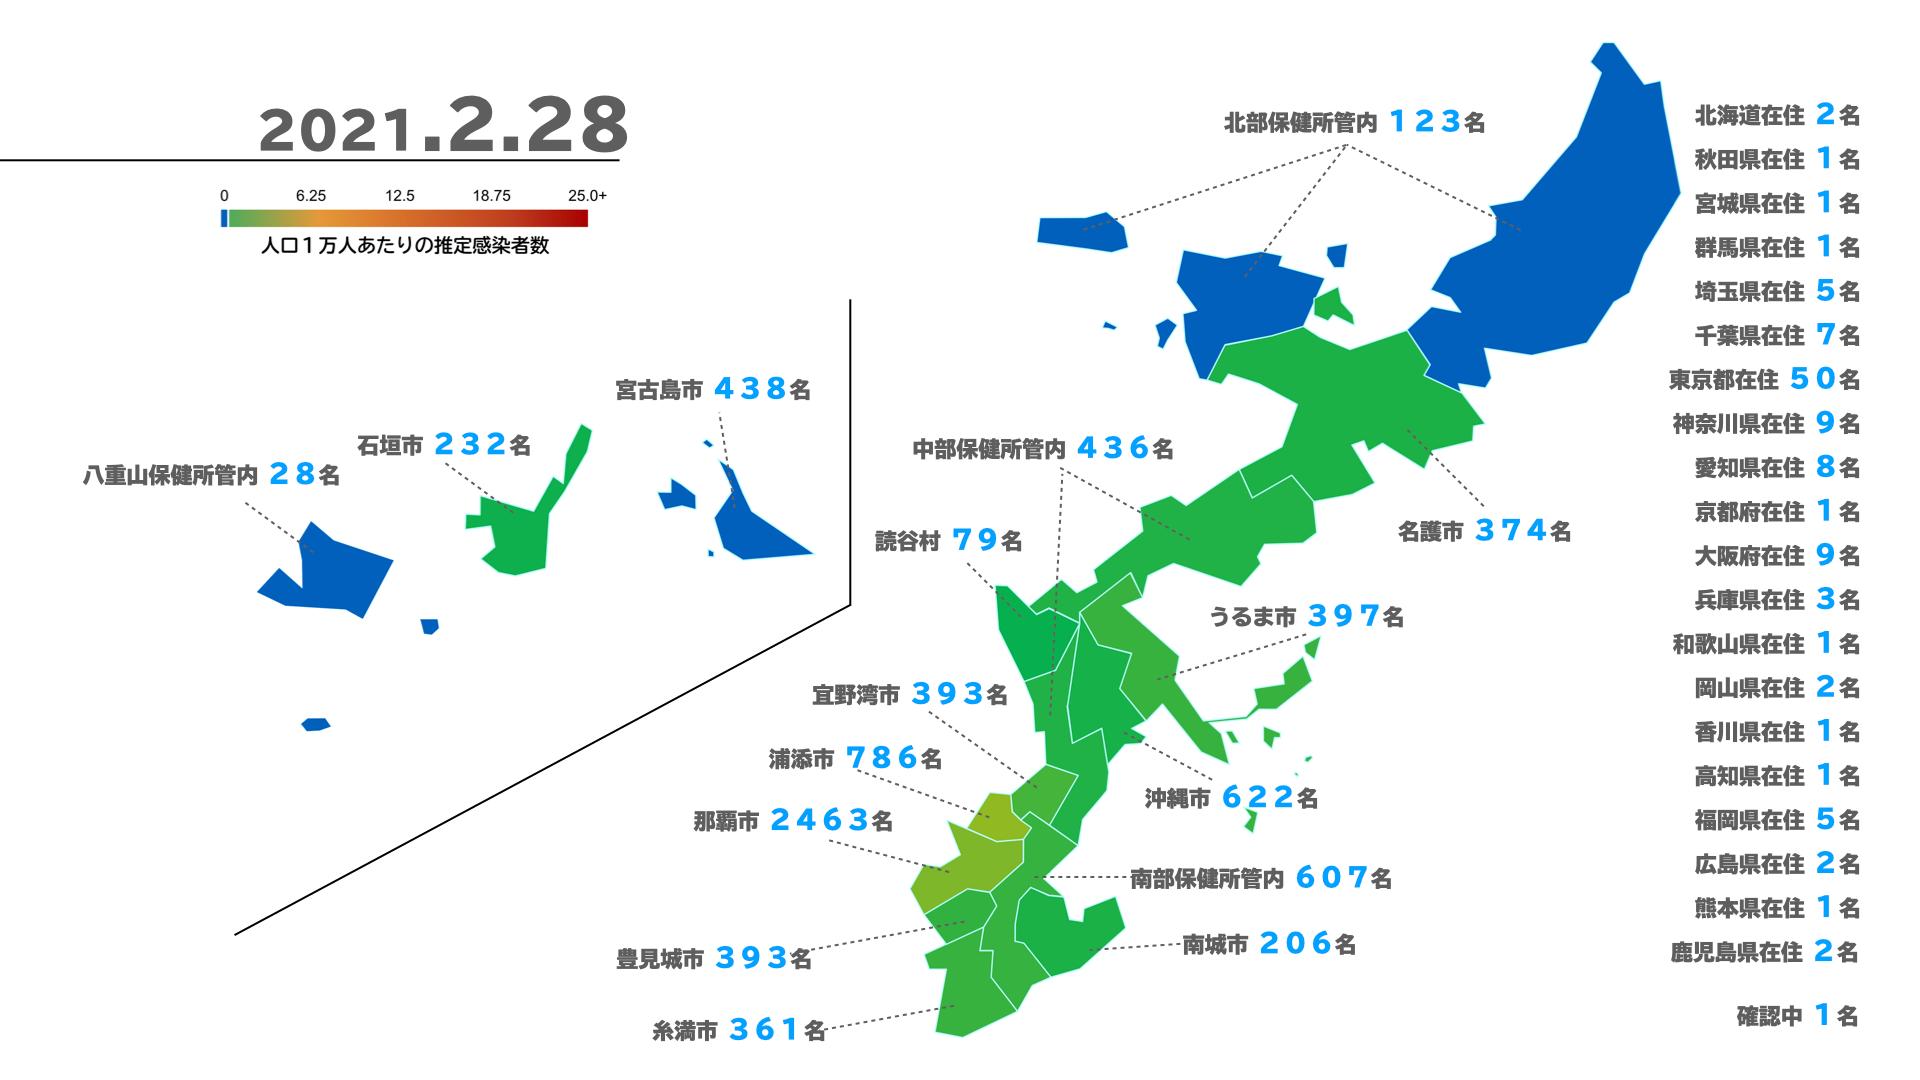 沖縄県新型コロナウイルス感染者マップ(2021/2/28 時点)